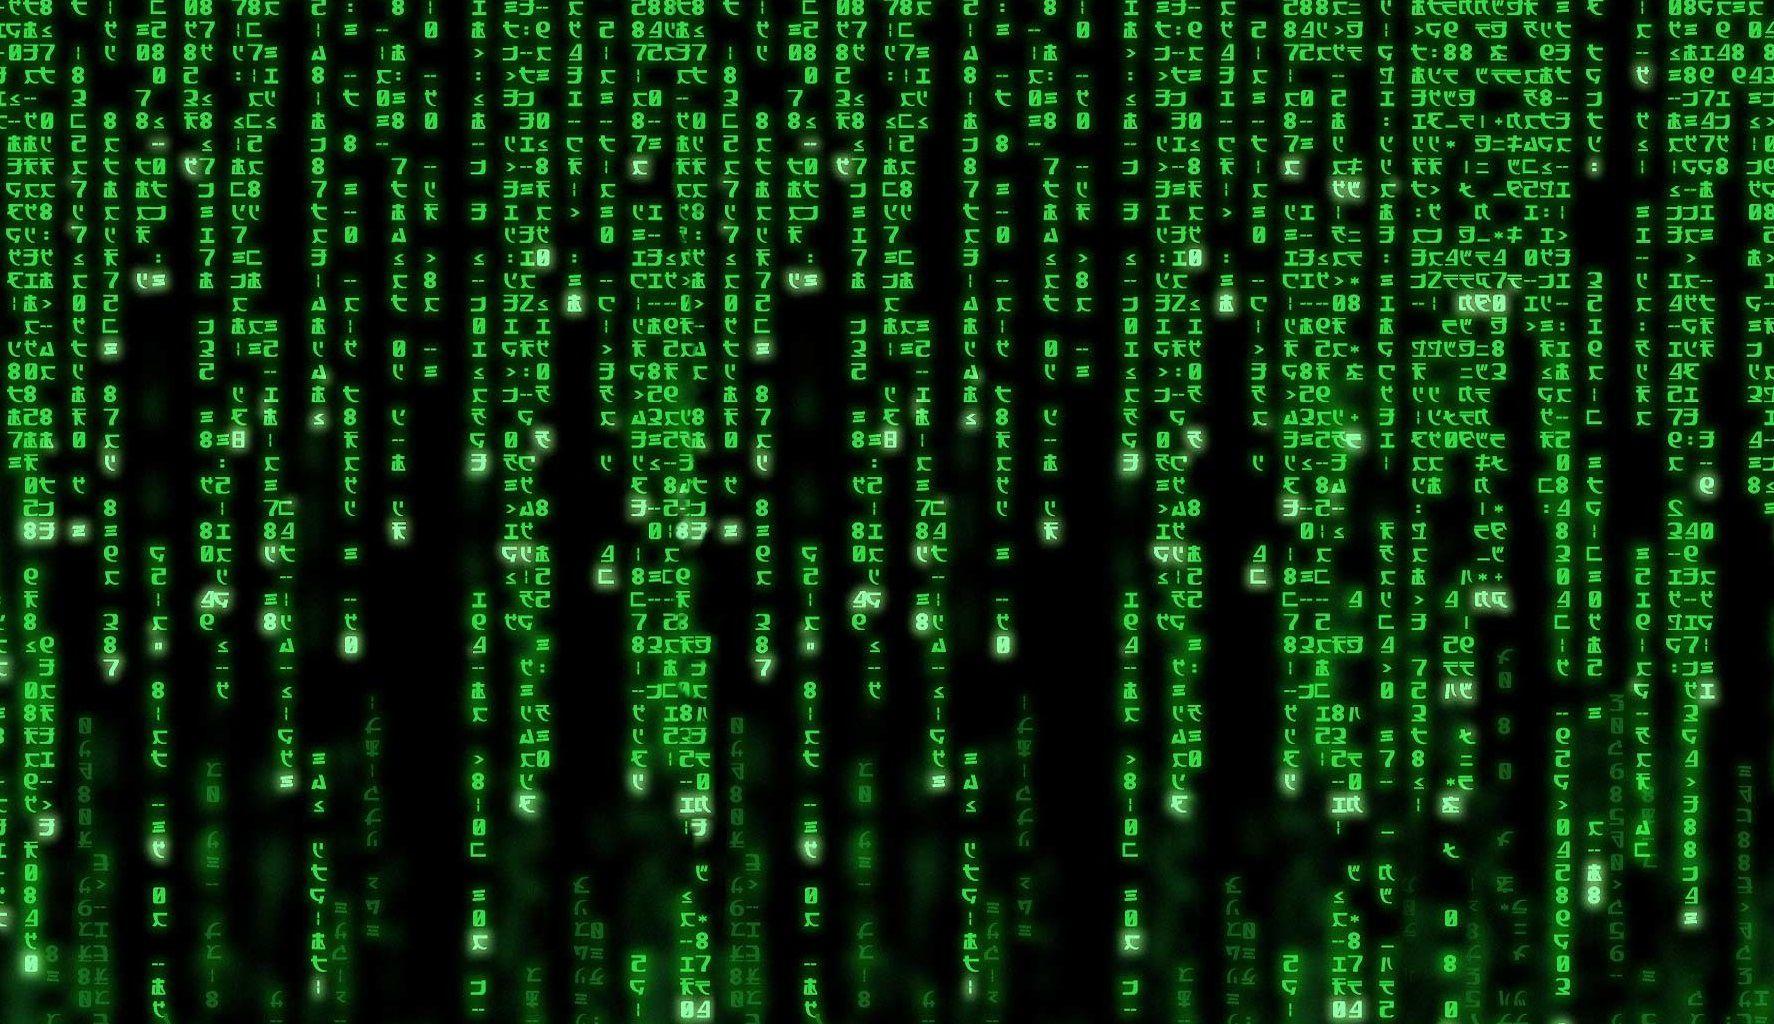 Microsoft a destructurat o campanie masivă de hacking. Alegerile americane ar fi putut fi în pericol